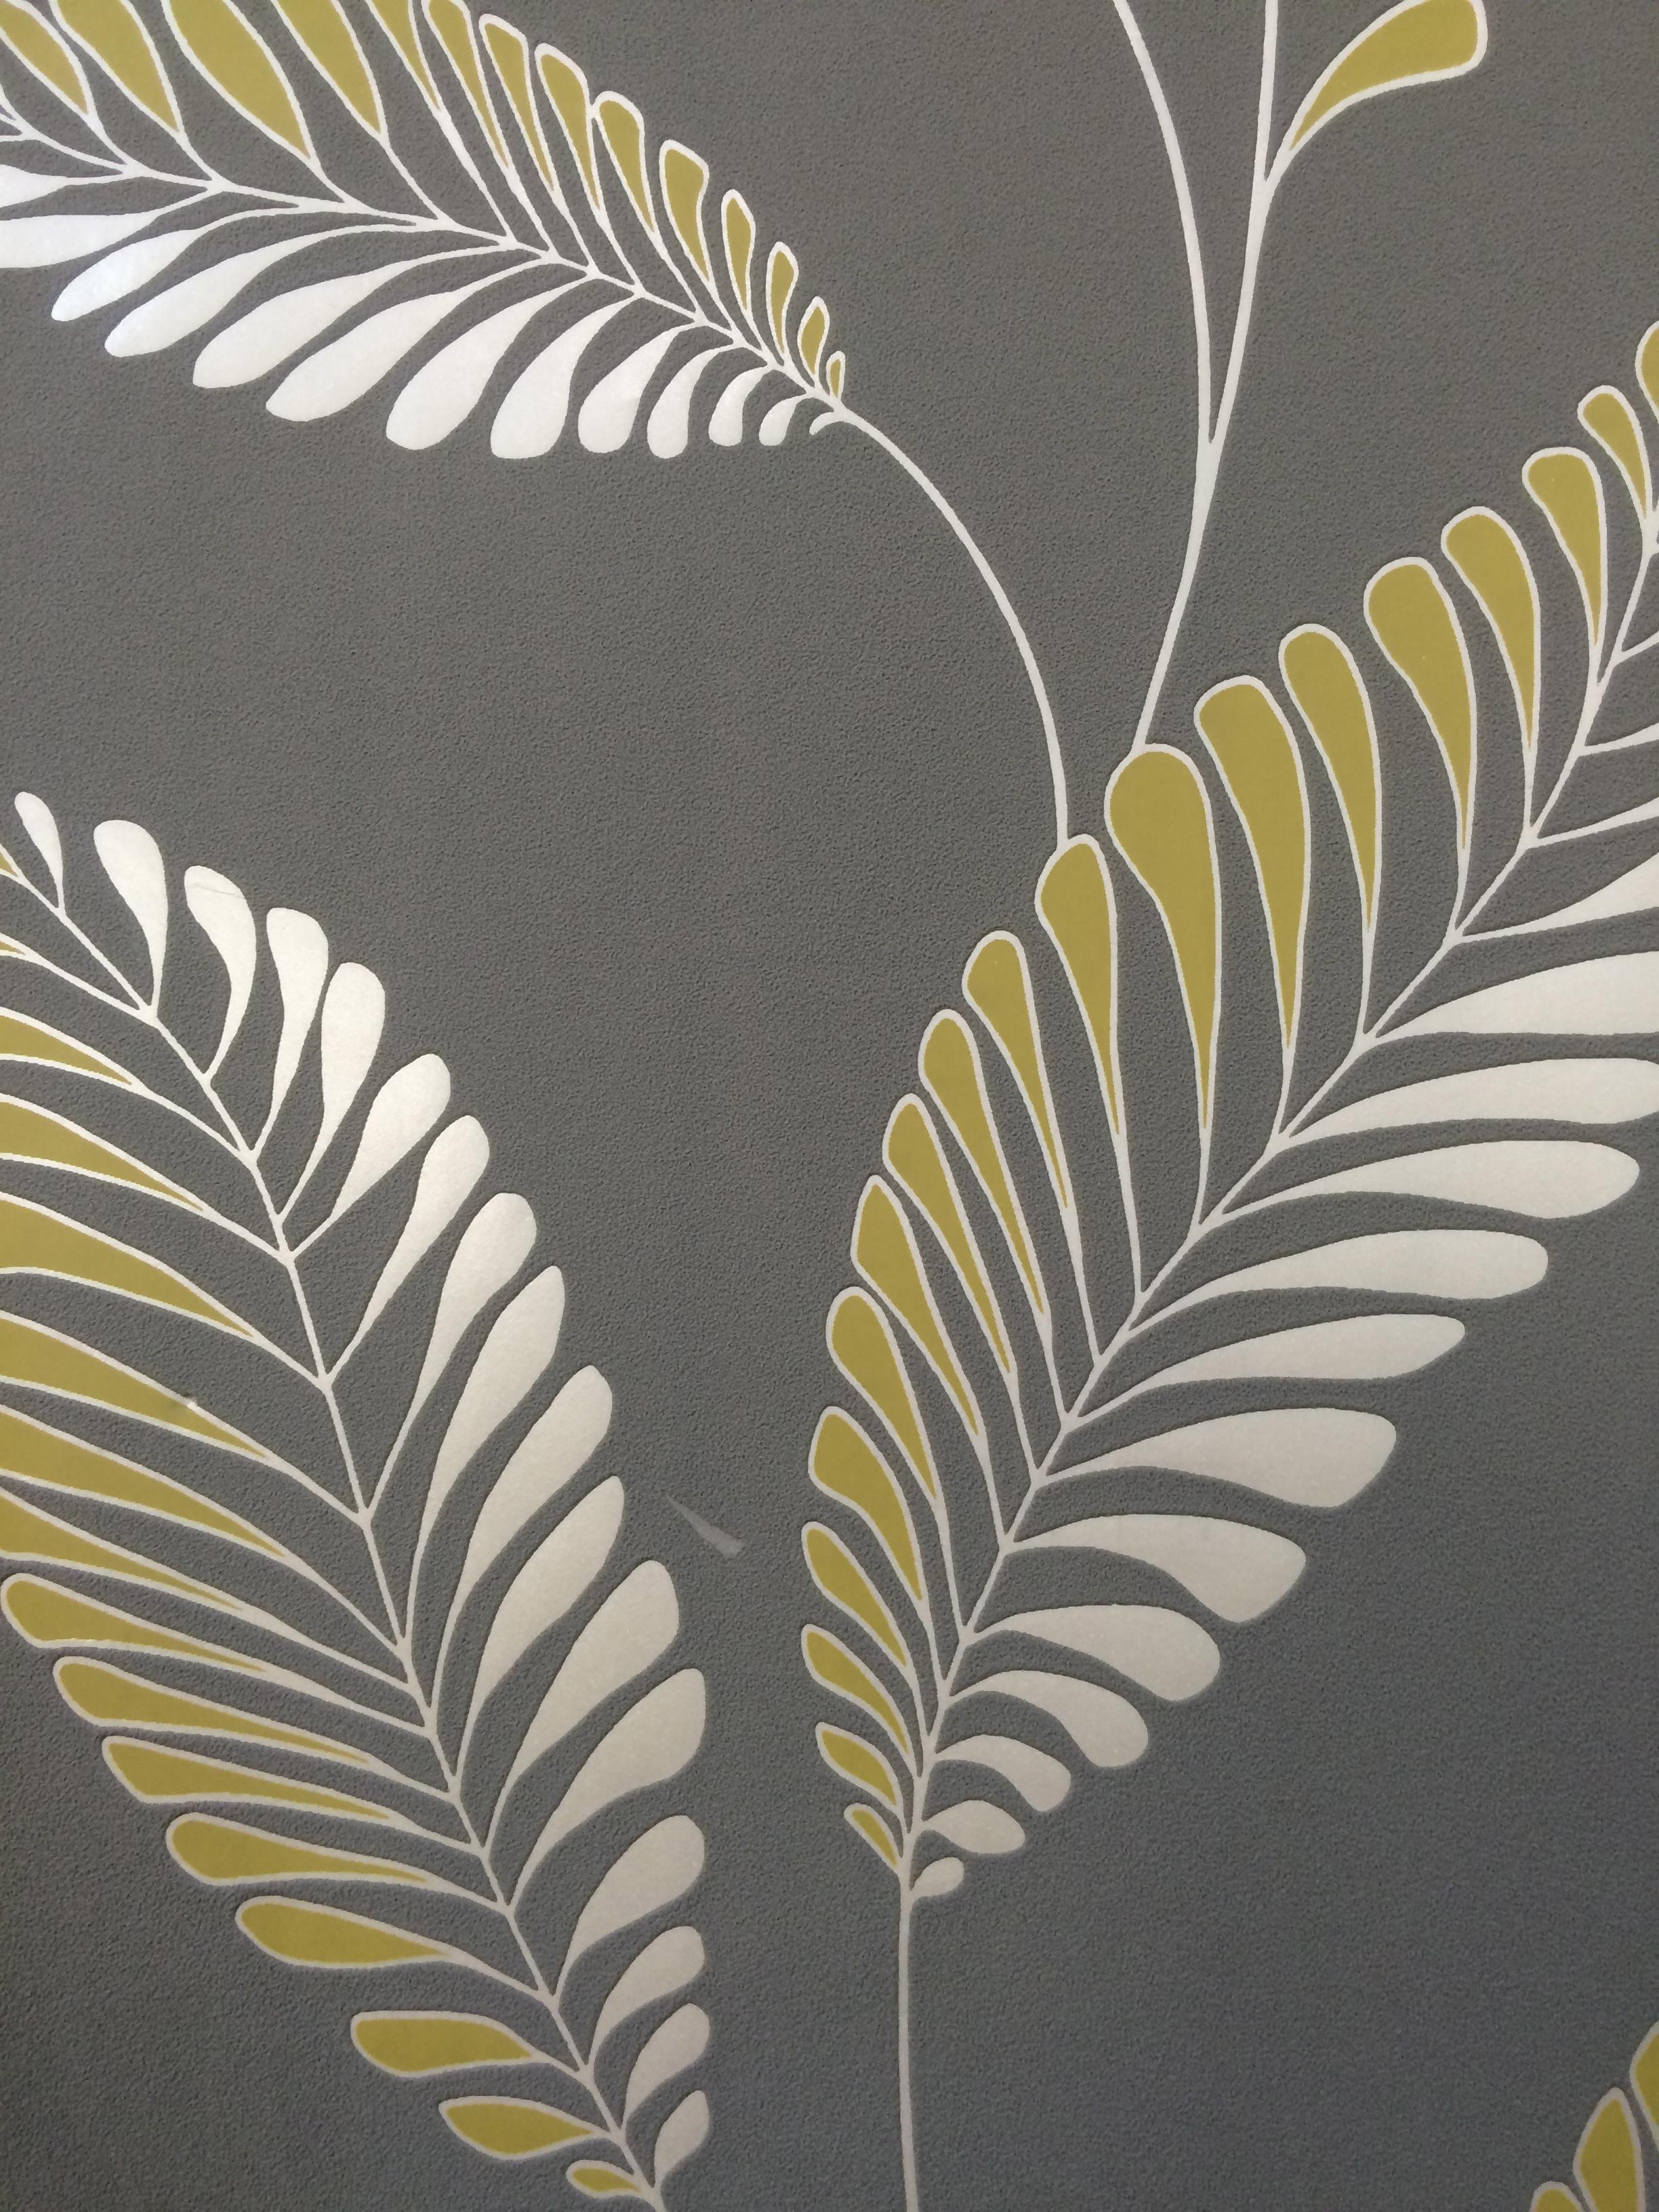 30464   Chartreuse Leaf   Wallpaper Border Shop 2448x3264